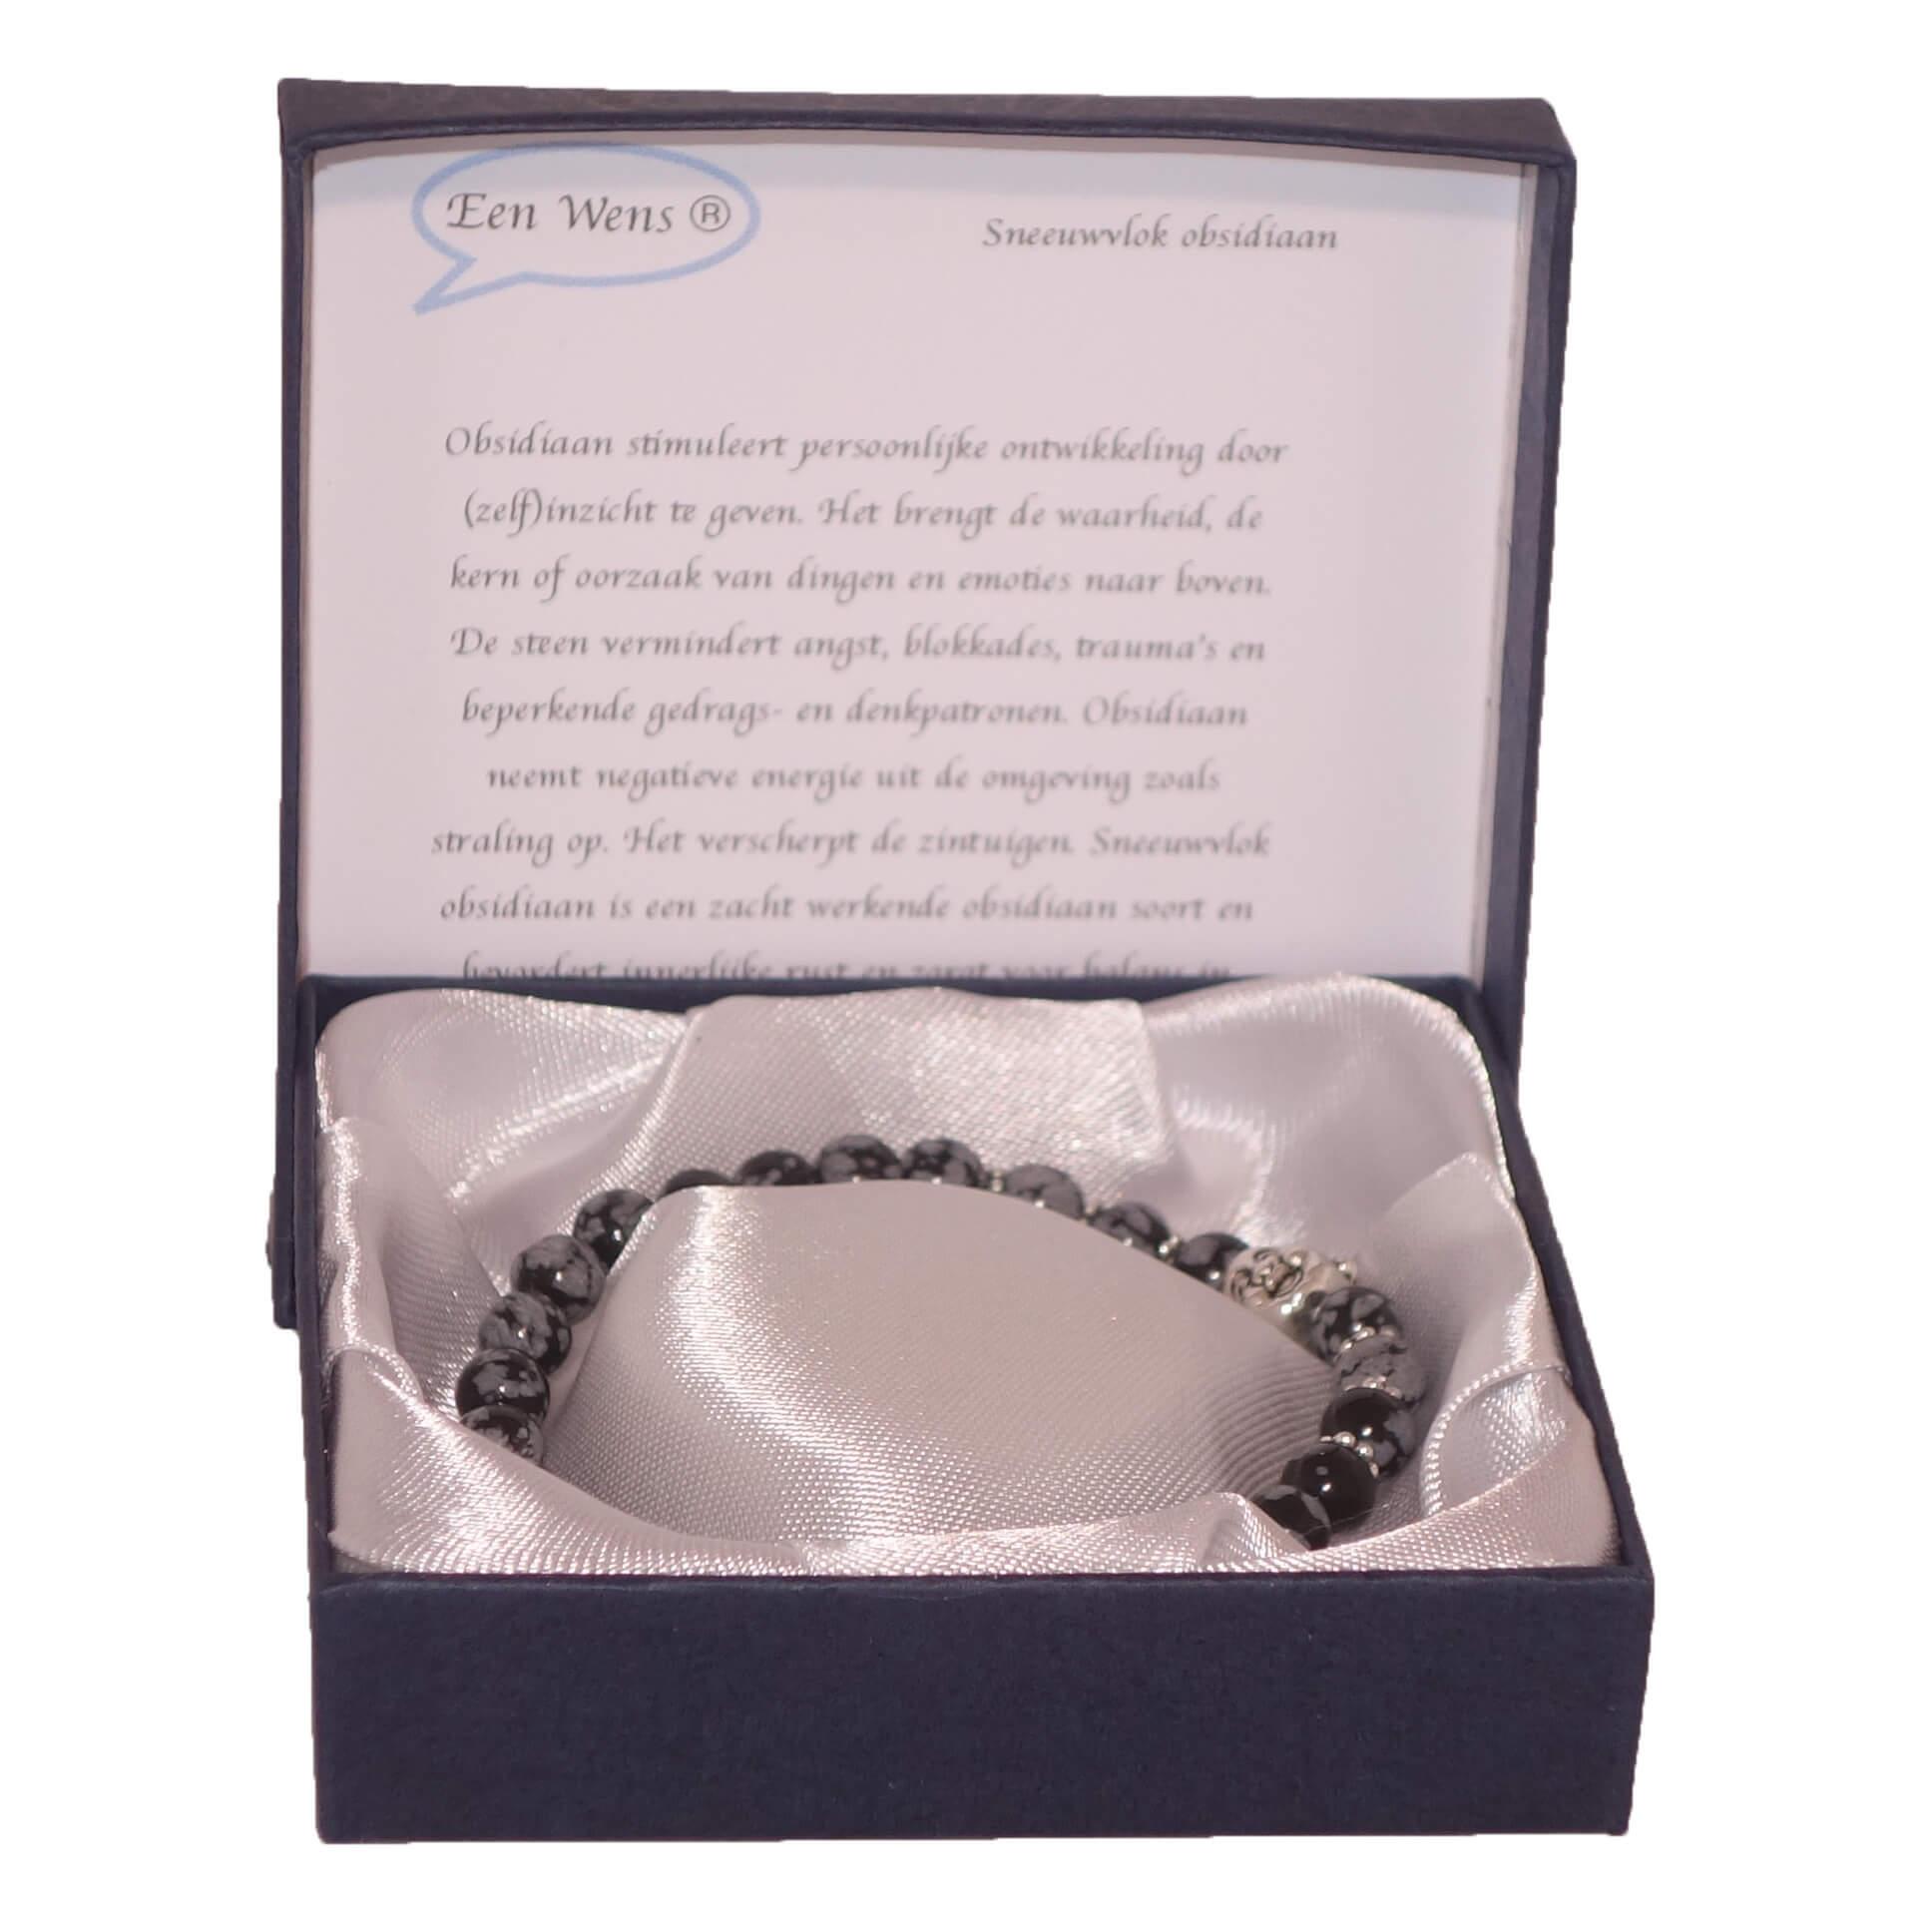 Halfedelstenen Armband in Geschenkdoos Sneeuwvlok Obsidiaan-0